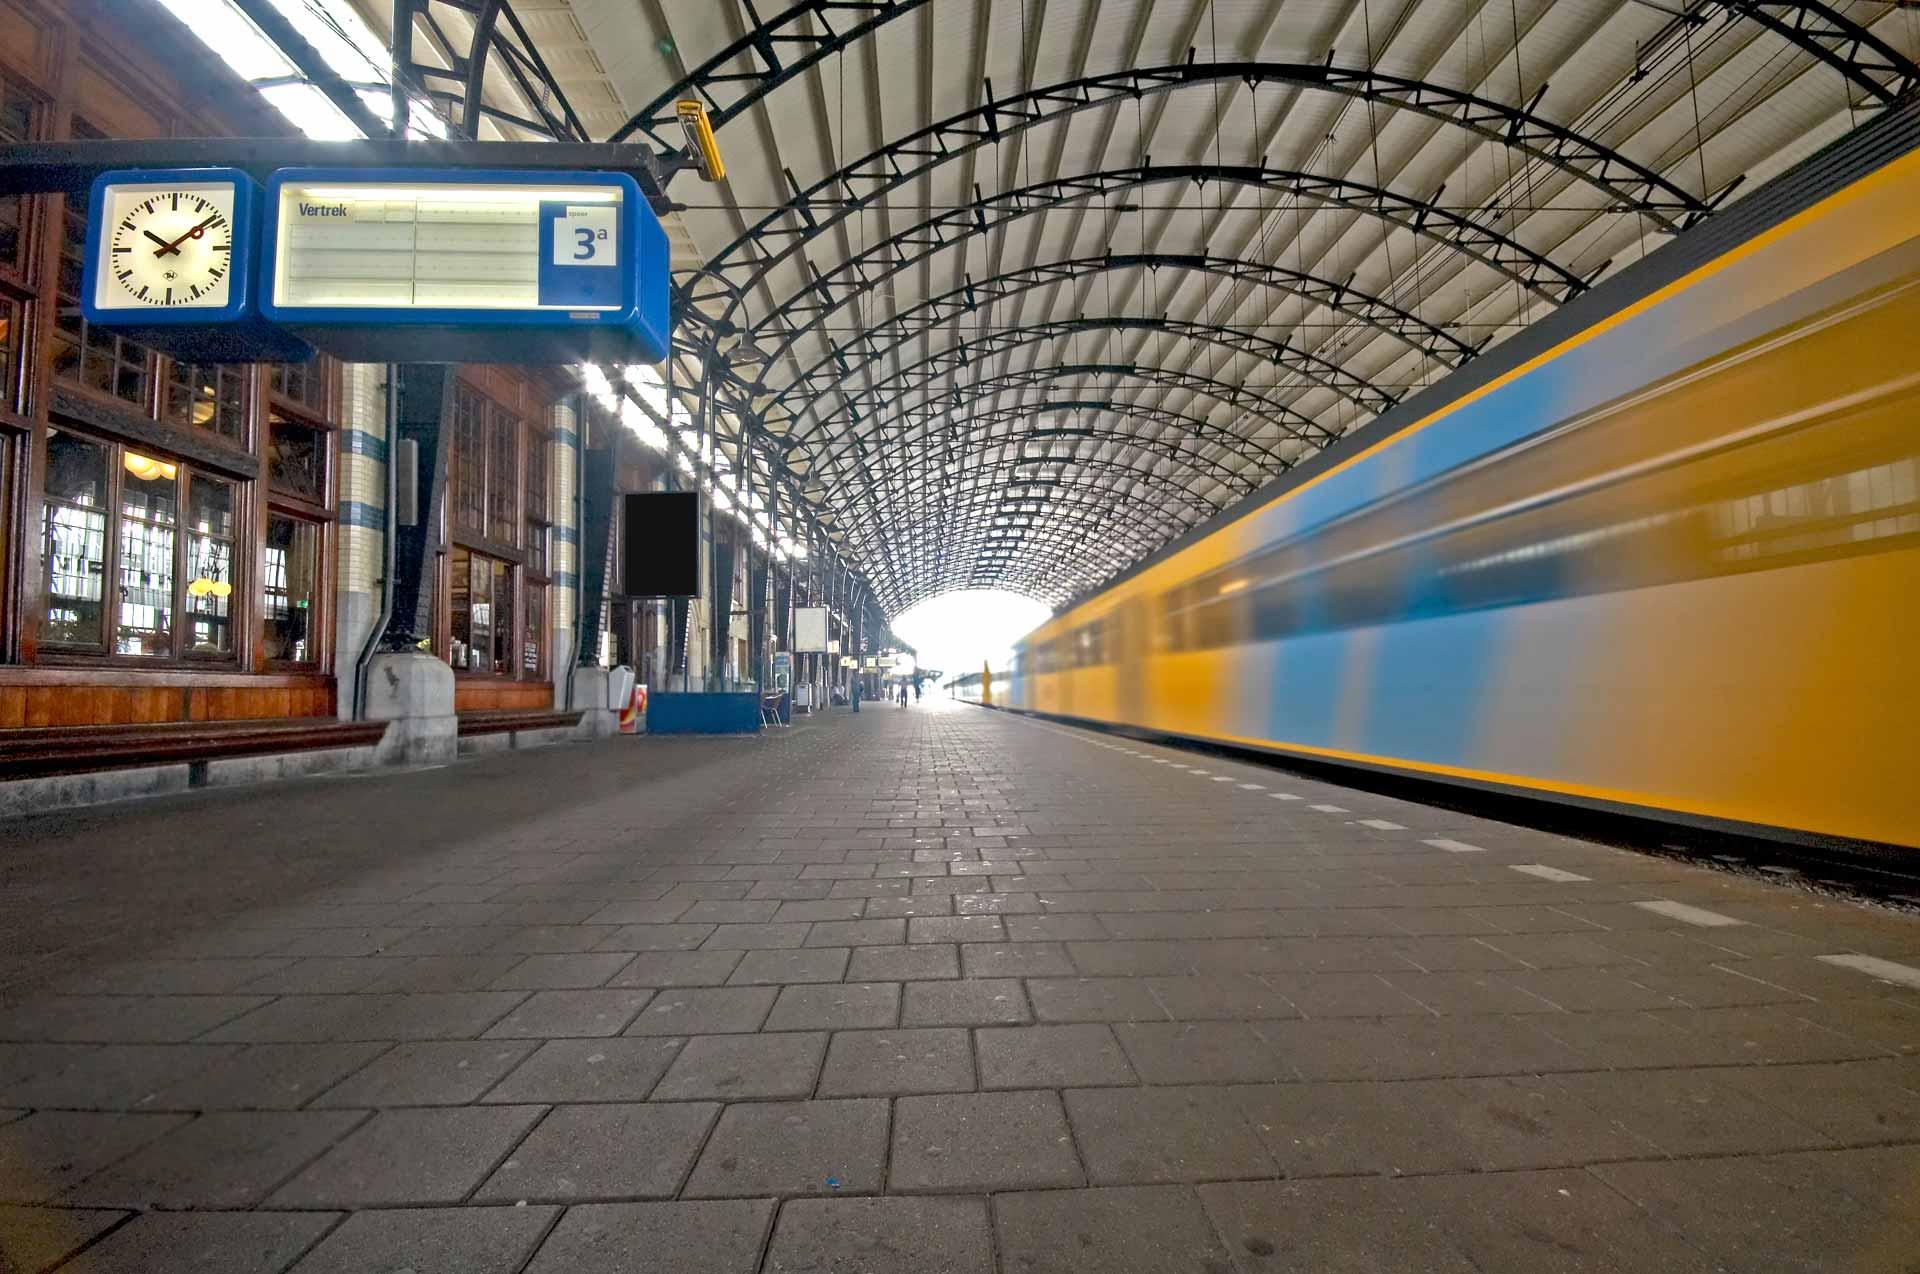 Station Groningen Adres Treinstation Voorzieningen Kaartverkoop